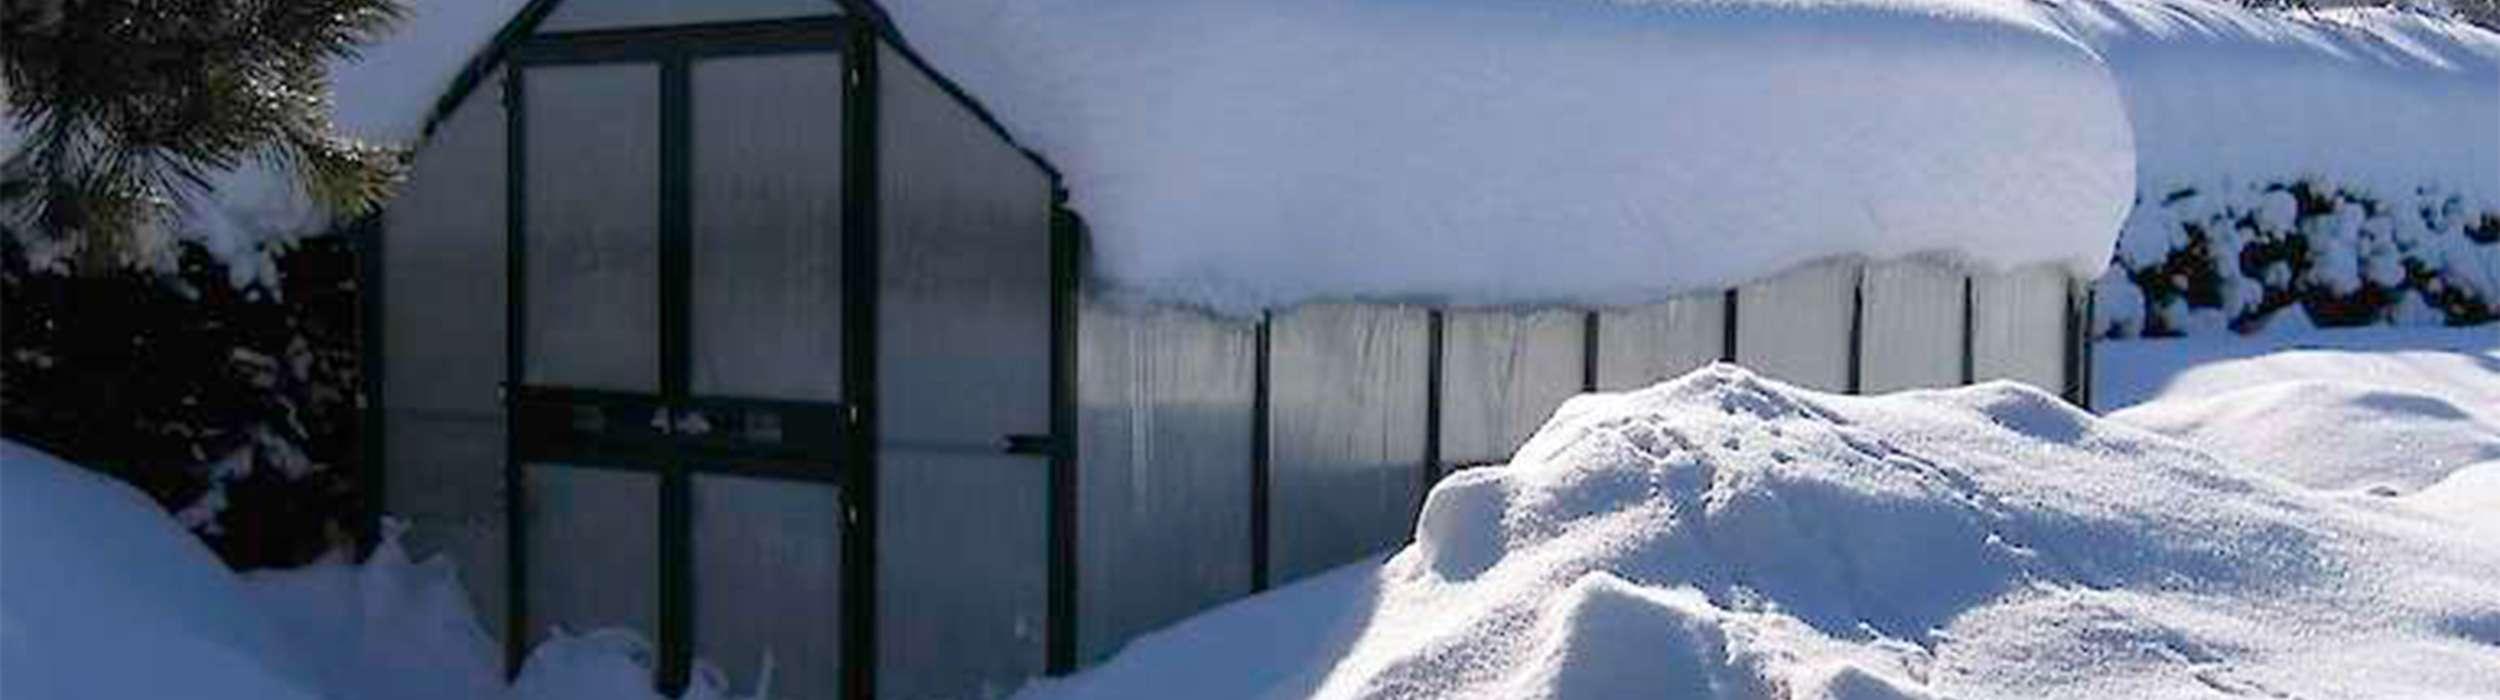 76b83180fb Gut eingeheizt: So bleibt ihr Gewächshaus im Winter frostfrei